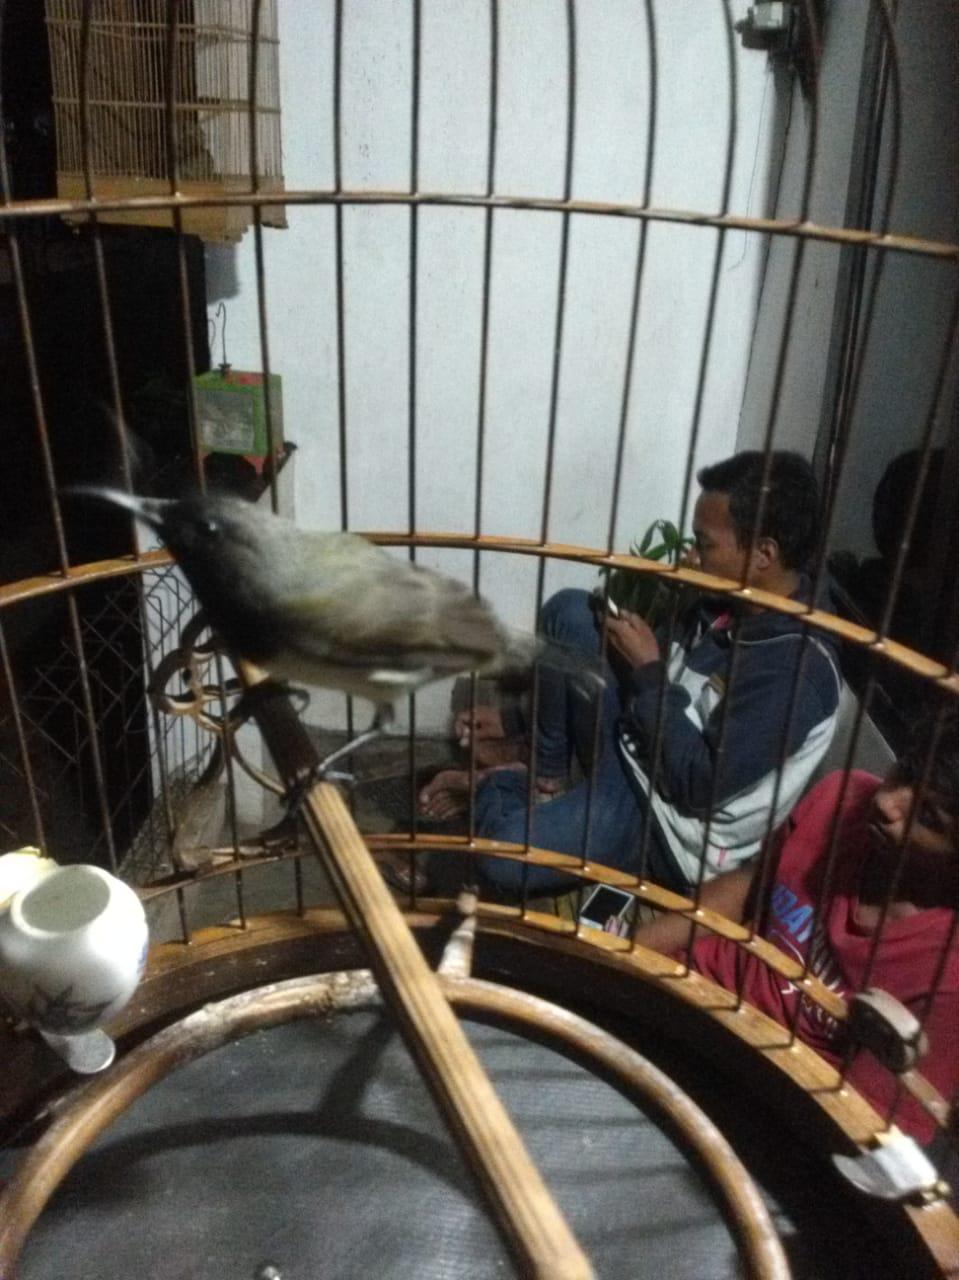 Prediksi Burung Madu Sriganti Sogon Mulai Melejit Nama Dan Harganya Di Tahun 2019 Dan Akan Terus Meningkat Hingga Tahun 2020 Tips Dan Bisnis Seputar Burung